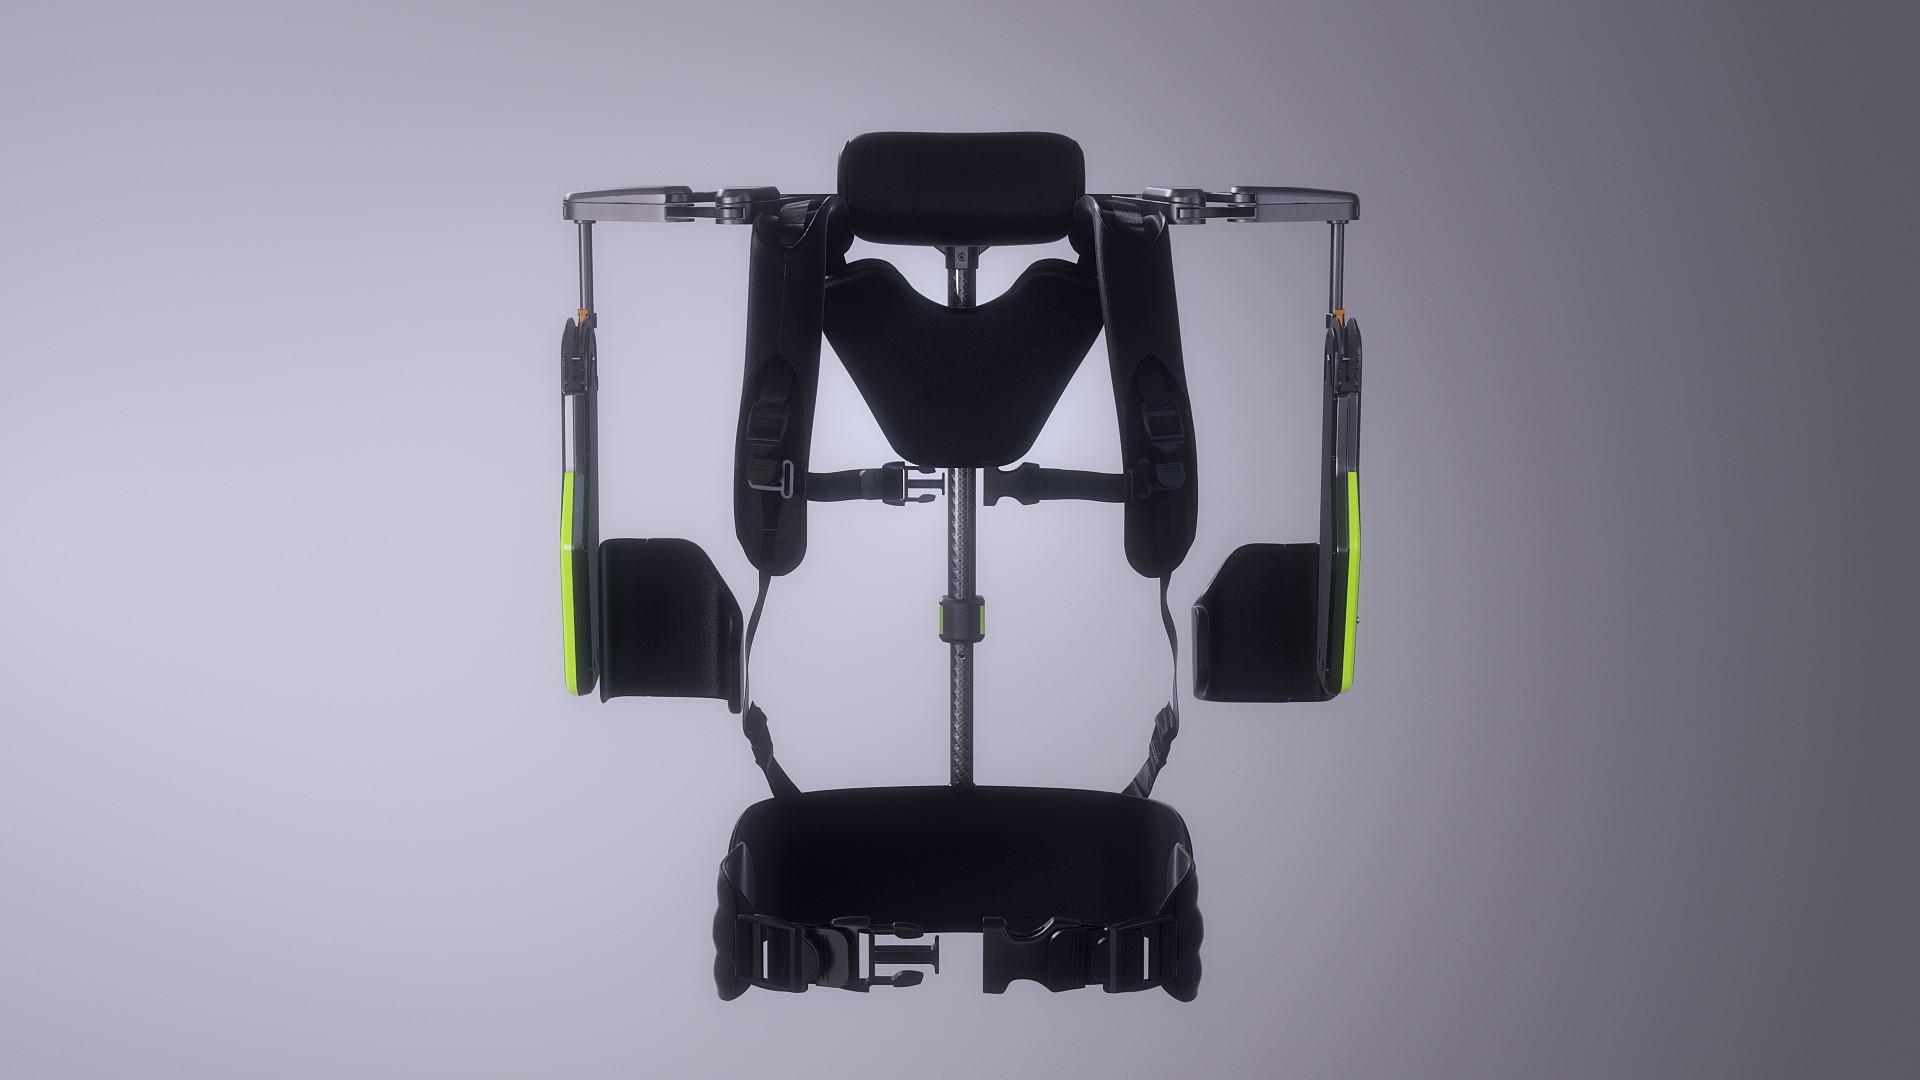 Hyundai-VEX-Vest-Exoskeleton-2